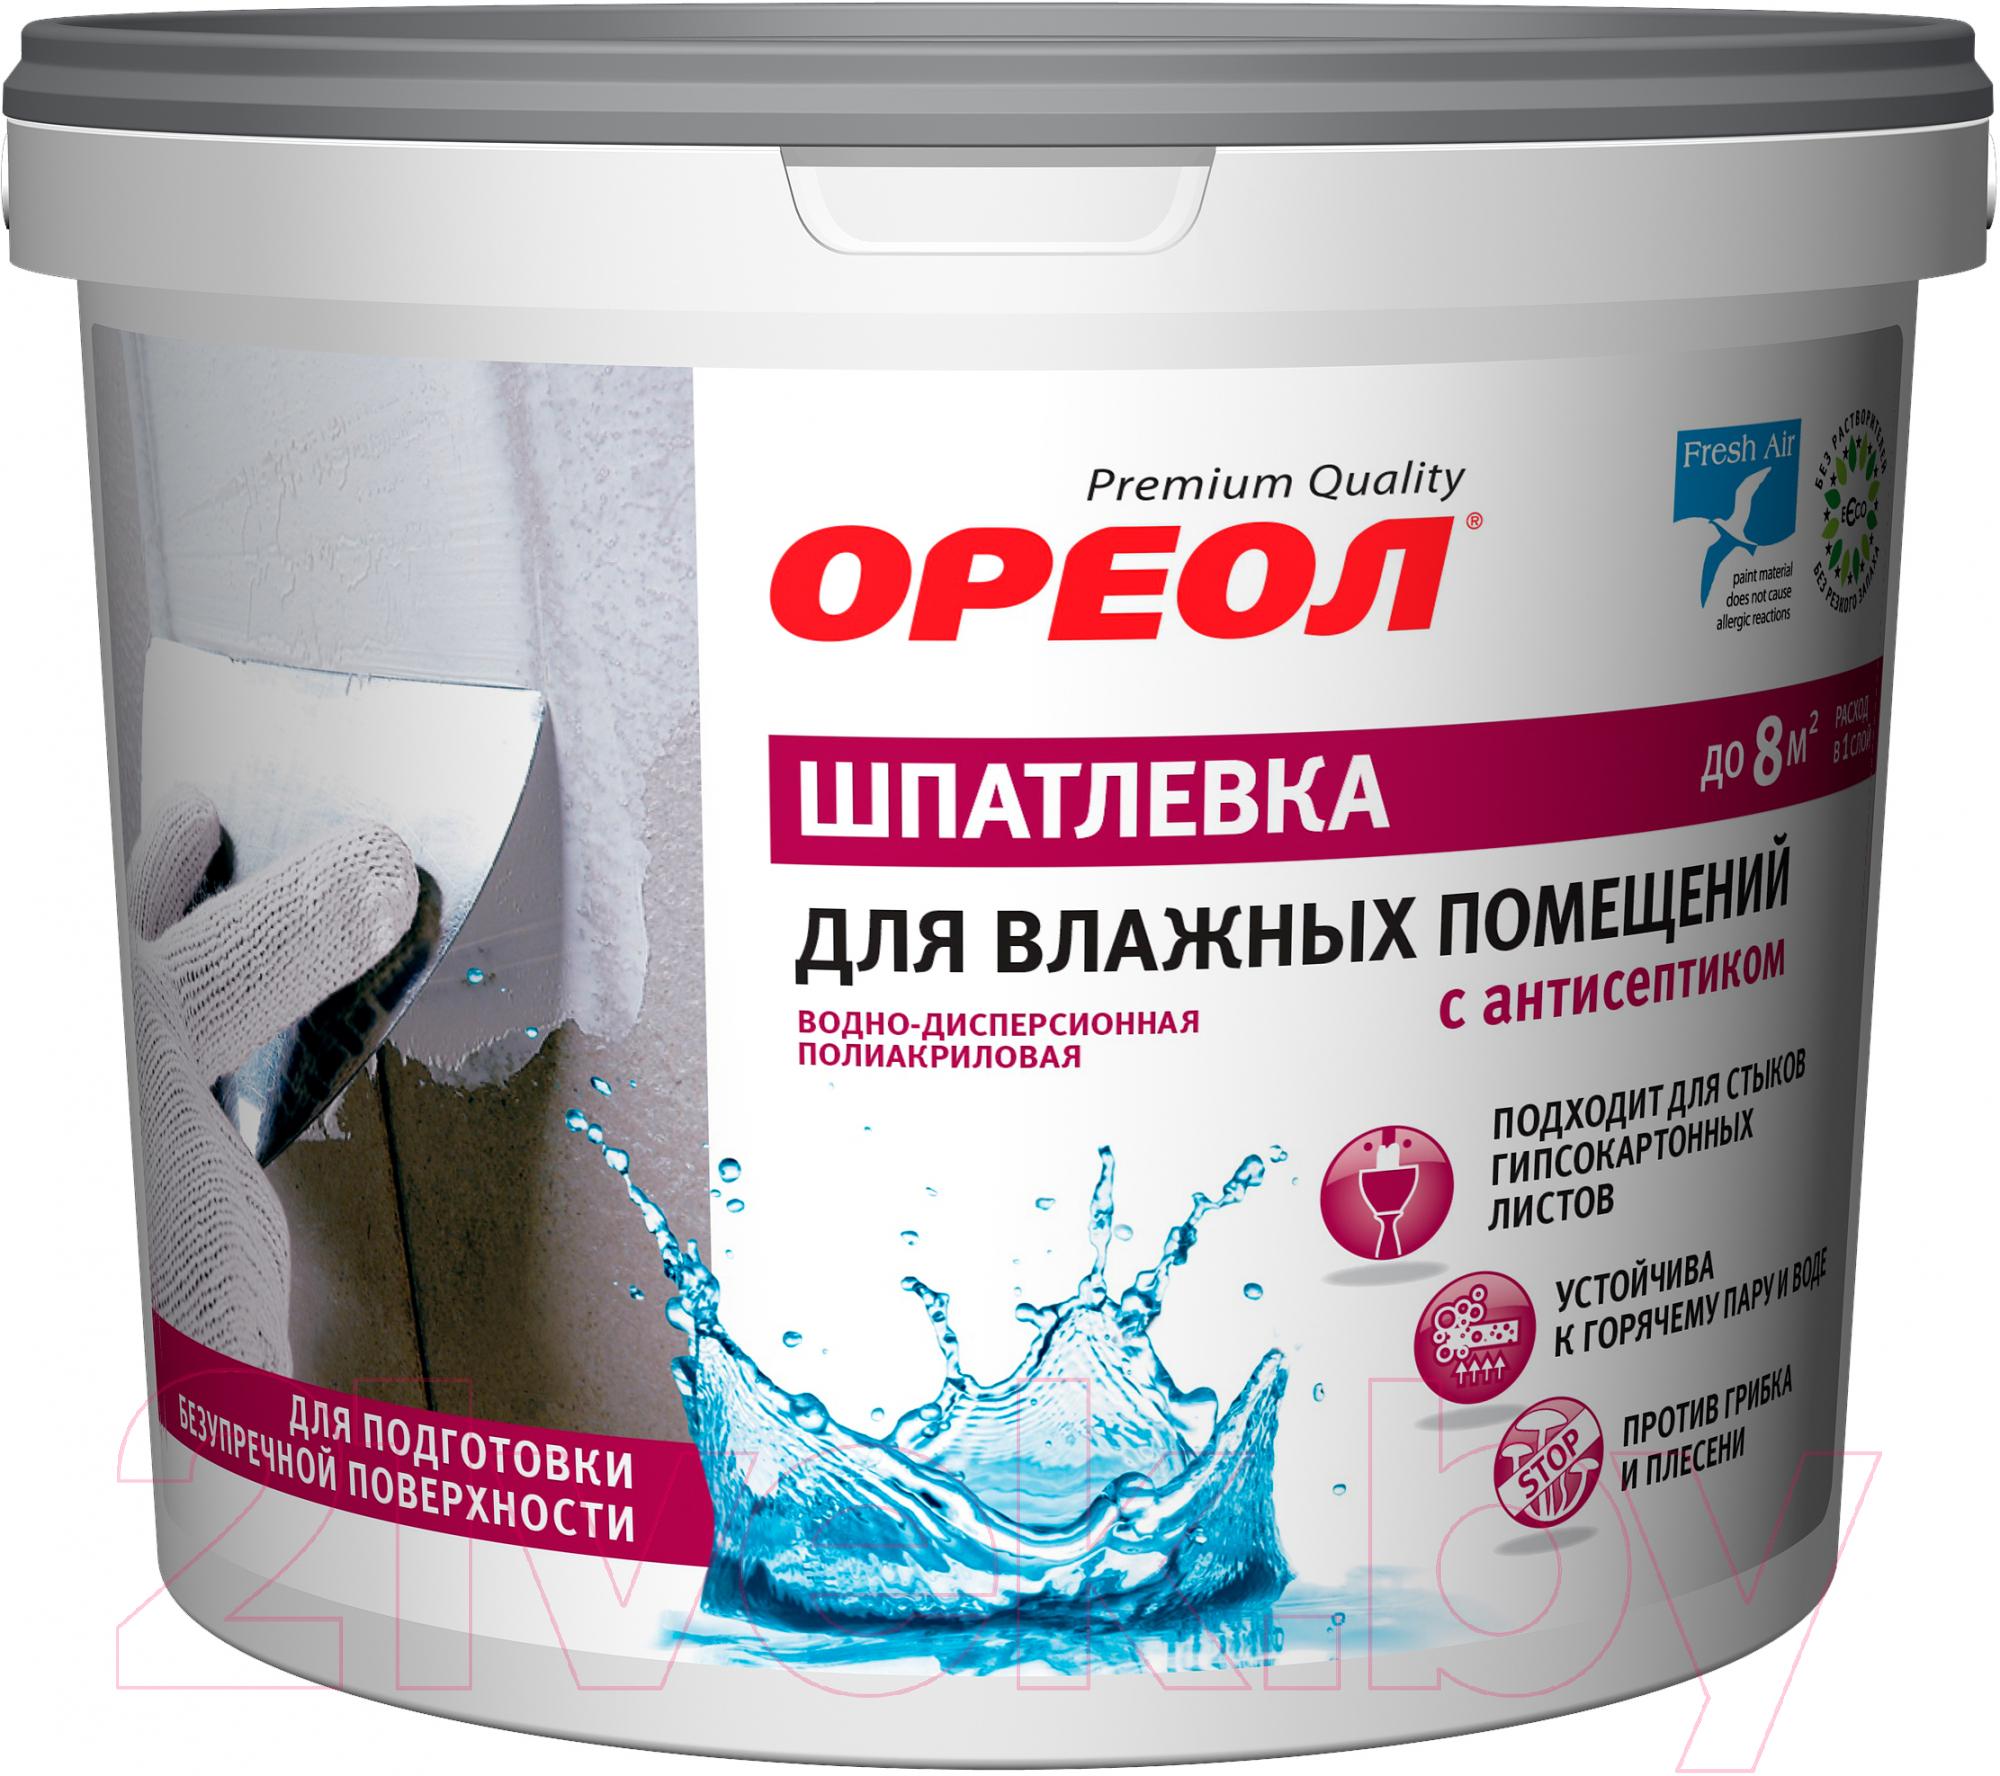 Купить Шпатлевка Ореол, Для влажных помещений с антисептиком (1.5кг), Россия